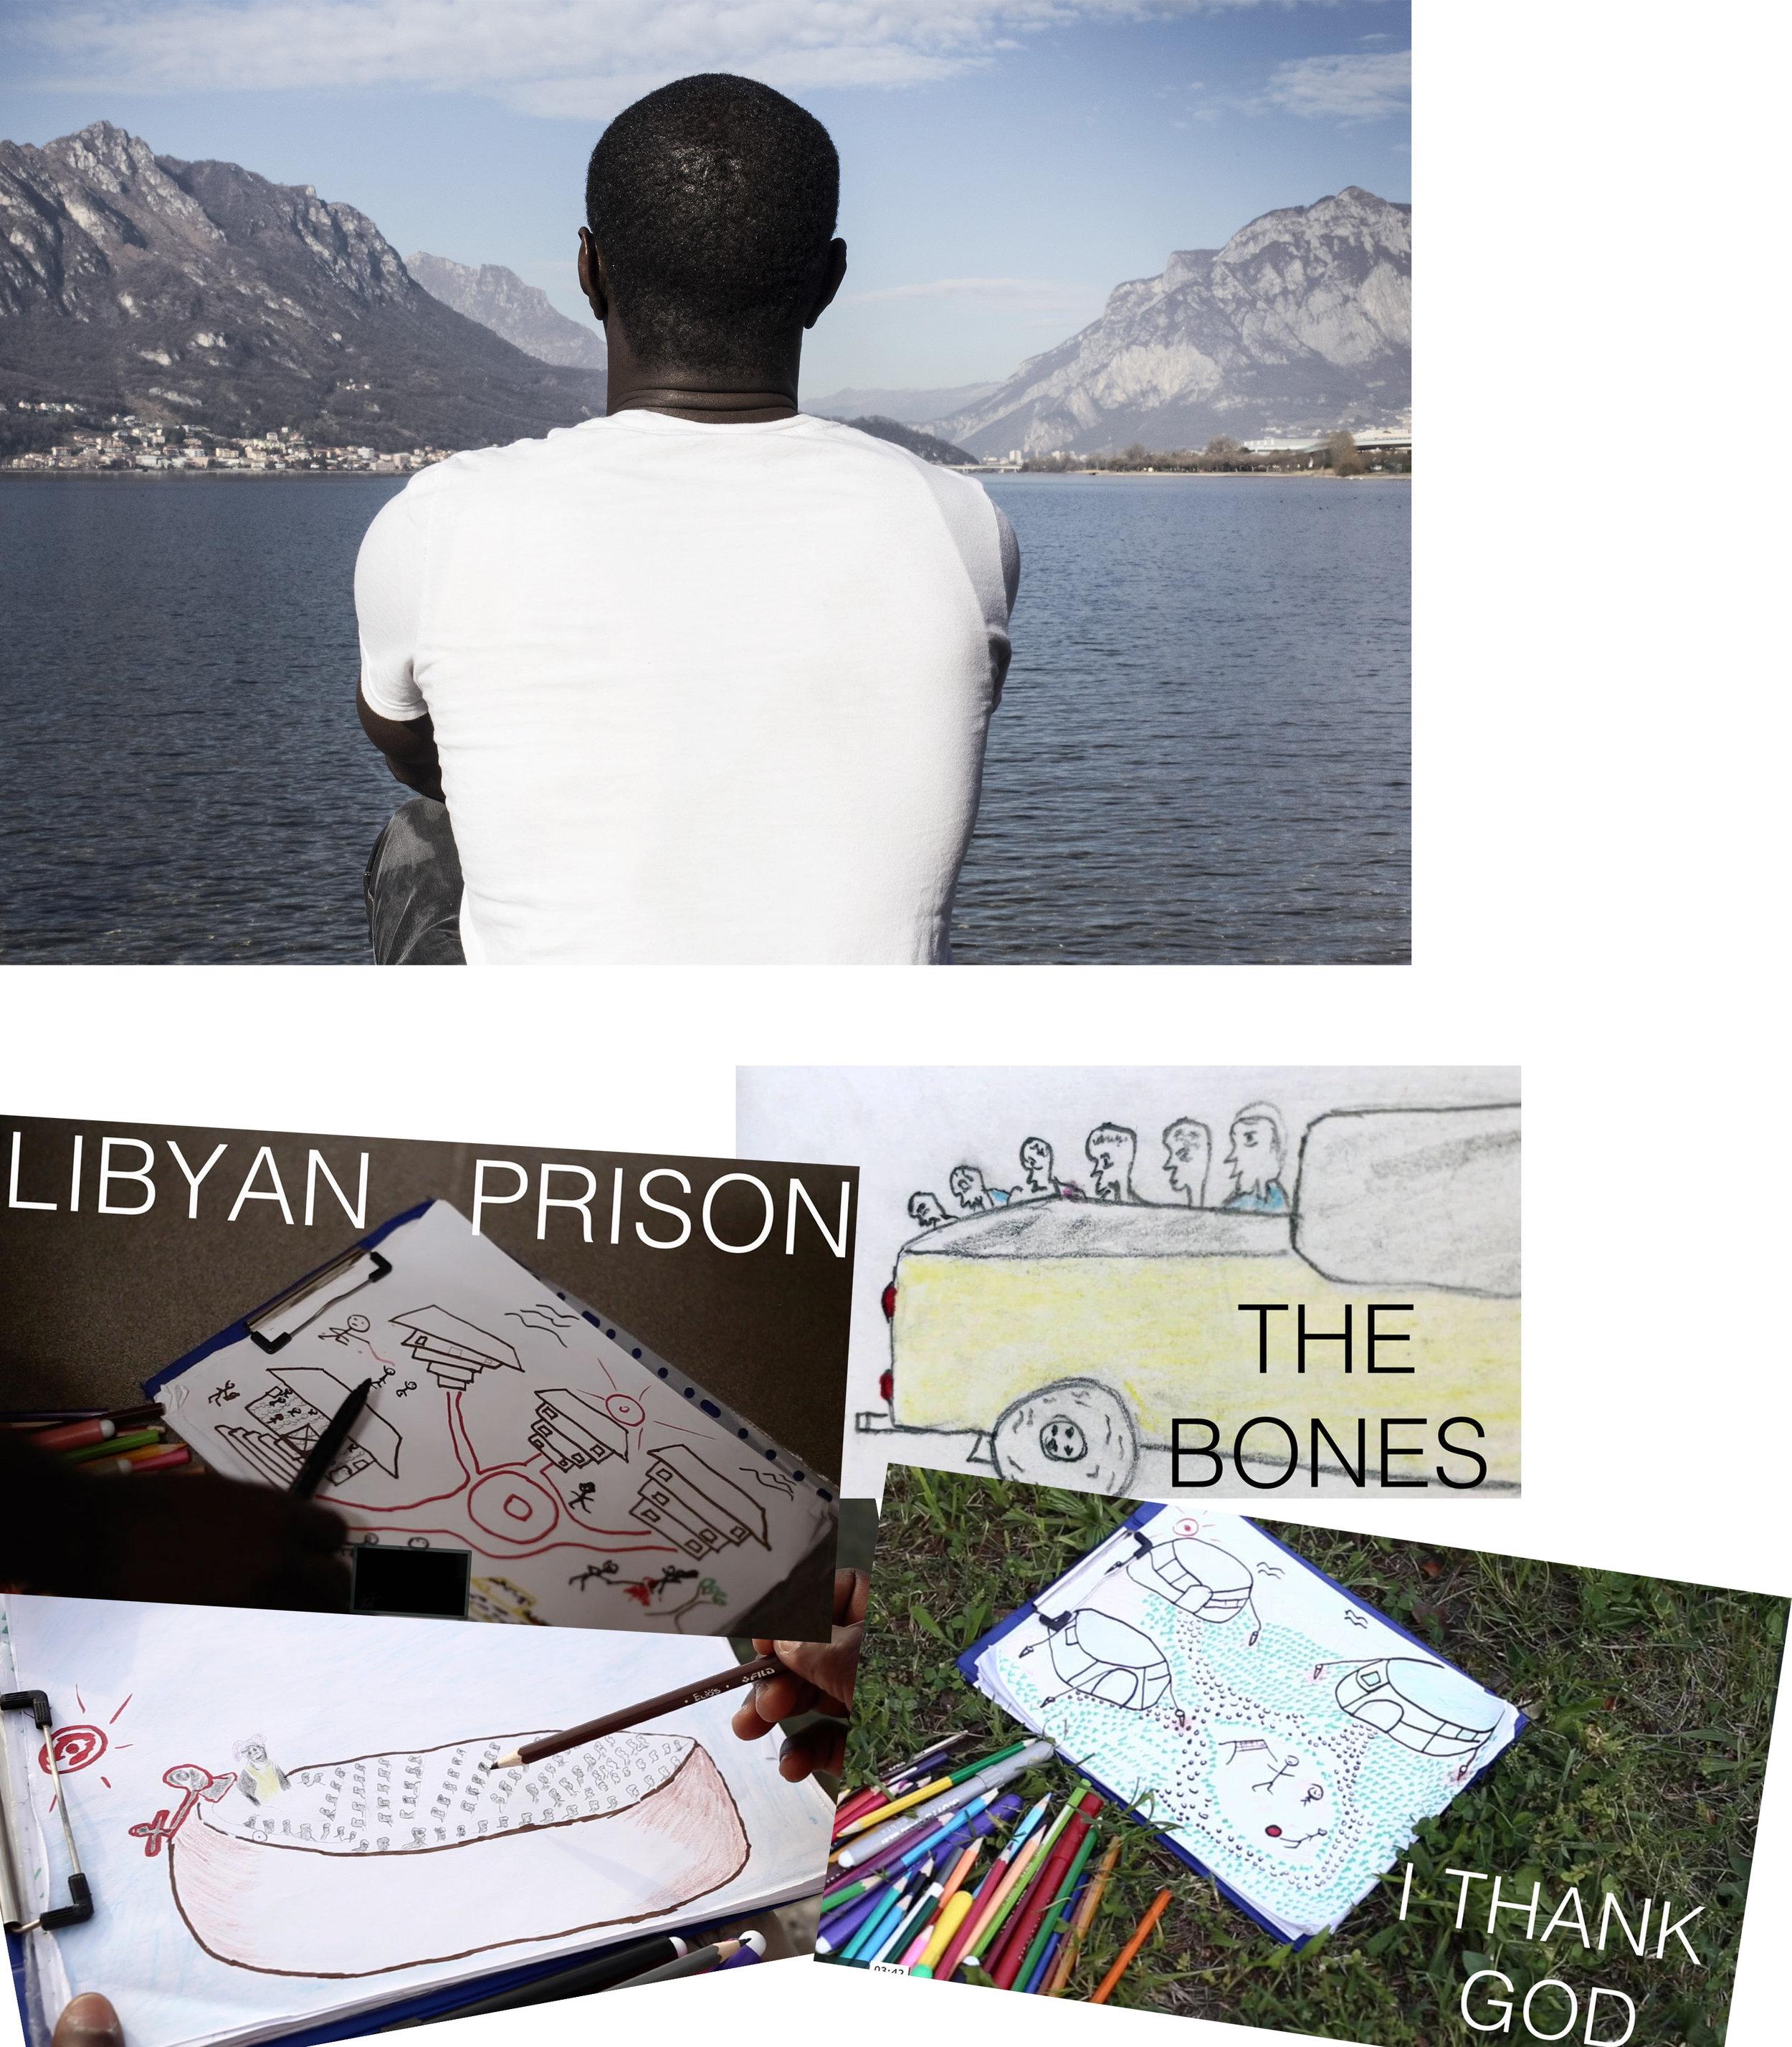 """The True Journey - Il seminario ripercorre la storia di Lamin, un ragazzo del Gambia che da un anno e mezzo vive in Italia con la speranza di ottenere lo status da rifugiato. Non è mai andato a scuola, Lamin, in Gambia lavorava come autista. Un pomeriggio, nel centro di prima accoglienza nel quale ha trascorso i suoi primi mesi in Italia, ha trovato fogli e matite colorate, e ha iniziato a disegnare le tappe del suo viaggio: il deserto del Sahara, i mesi interminabili nelle prigioni governative della Libia e il clima di terrore che si respirava in città. Racconta inoltre della traversata sui barconi e della sua condizione di richiedente asilo in un campo profughi di Lecco.Lamin non vuole mostrare il suo volto in video, teme per l'incolumità della sua famiglia. Ma vuole far arrivare il suo messaggio: mostrare """"il vero viaggio"""" di un migrante. Nasce così il web documentario The True Journey.Nel corso dell'incontro verranno esposti i disegni di Lamin e alcune foto di Romina Vinci, tratte dal progetto"""